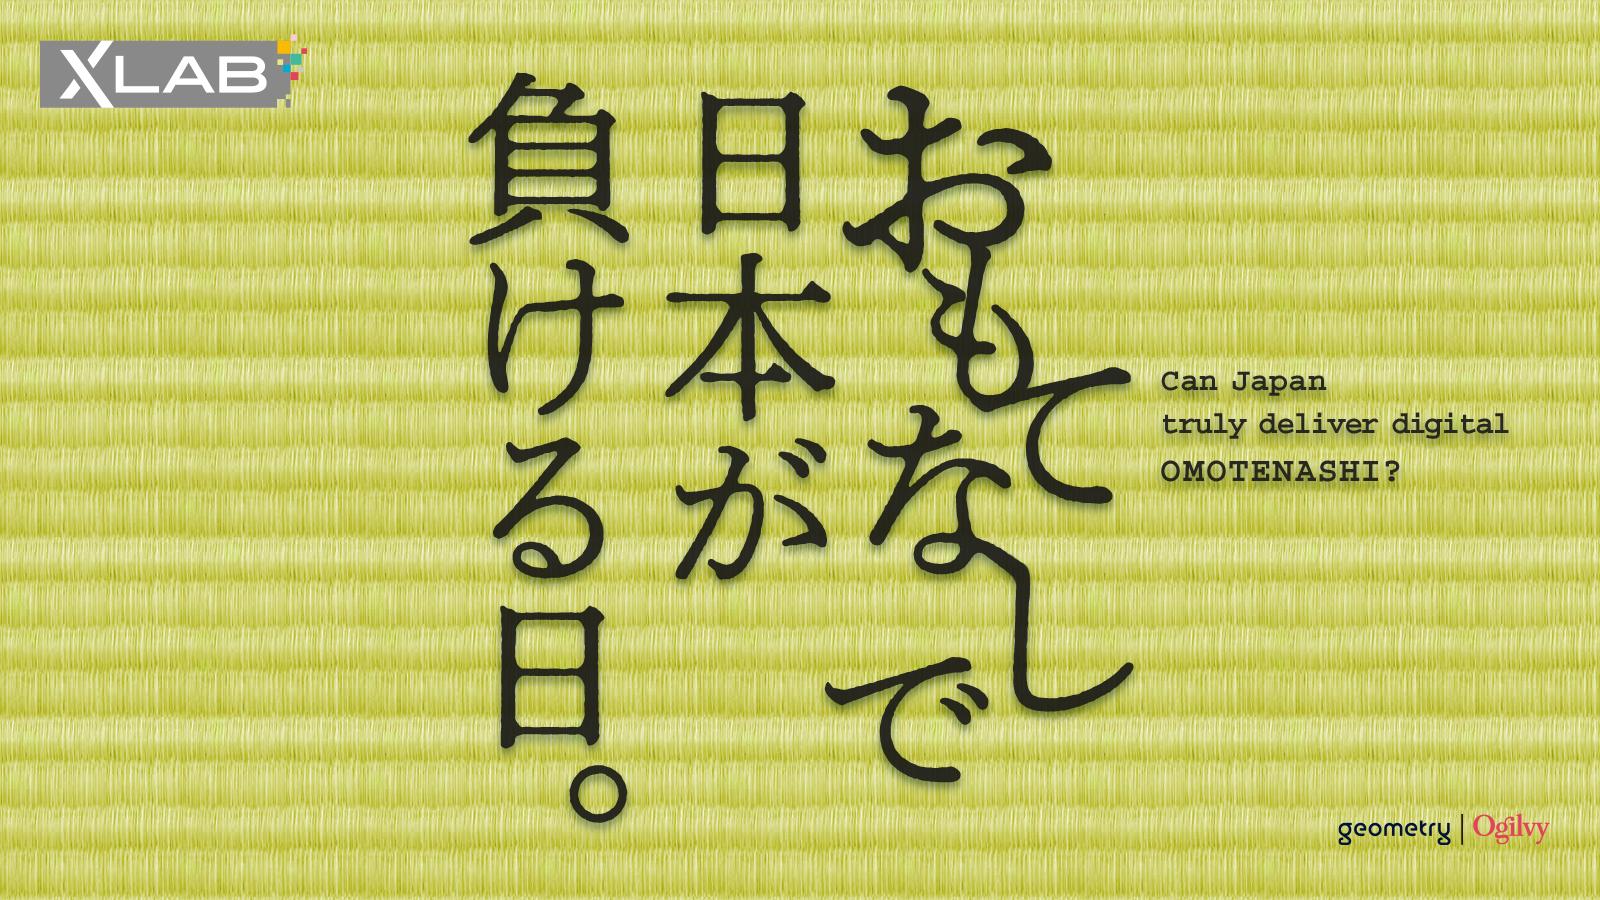 X LAB 第1回 テーマ: 「#おもてなしで日本が負ける日」